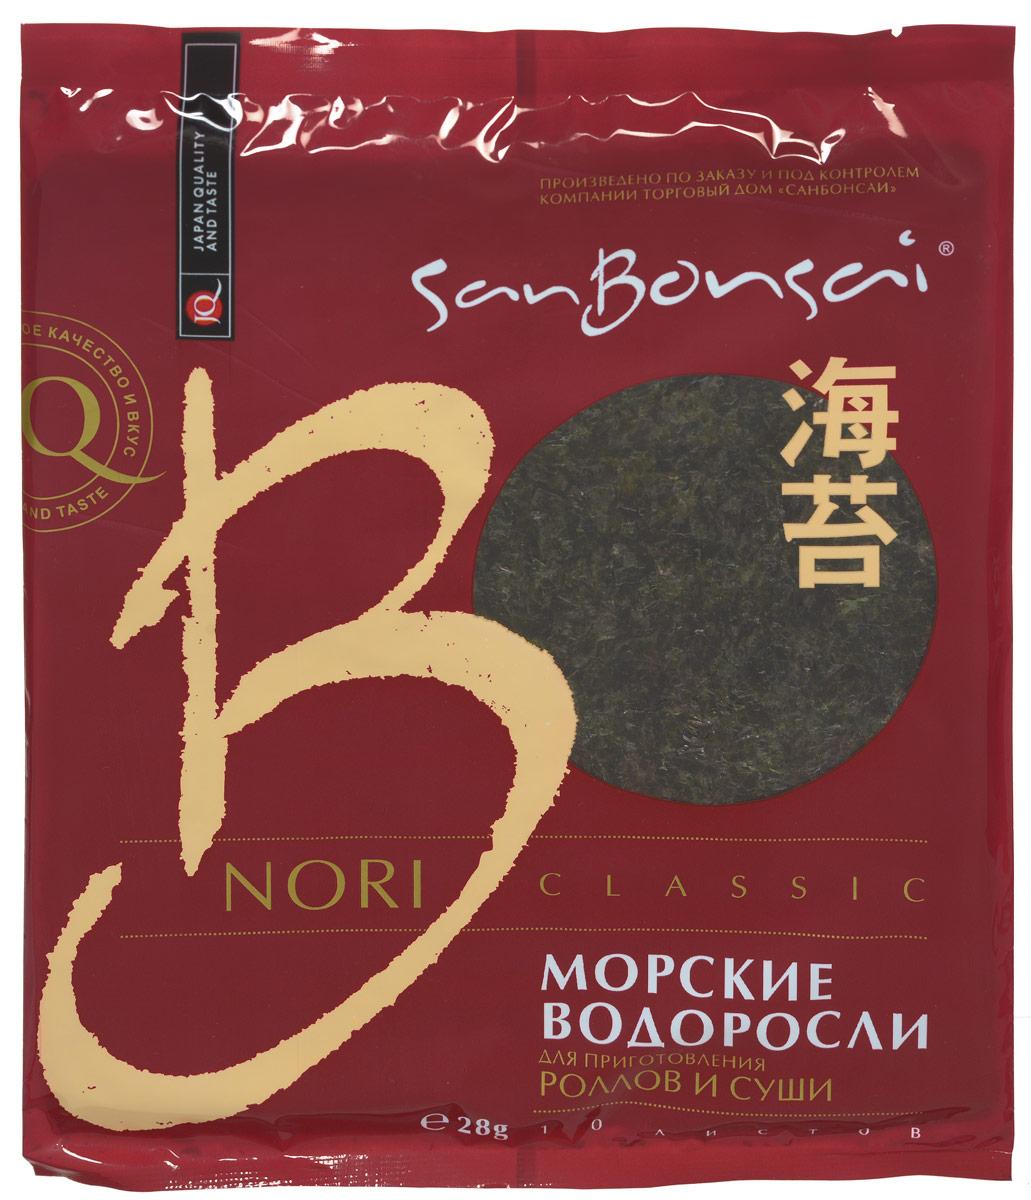 SanBonsai Nori Classic морские водоросли для роллов и суши, 28 г (10 листов)8257SanBonsai Nori Classic - морские водоросли для роллов и суши.Нори изготовлены из измельченных, а затем высушенных на сетке водорослей без каких-либо добавок. Листы нори используются для приготовления суши, роллов, гунканов, а также как ингредиент для Азиатских первых и вторых блюд. Морские водоросли SanBonsai высокого качества - плотные, ровные, без просветов.Морские водоросли Нори SanBonsai Nori Classic содержат йод, растительный протеин, витамины и минералы. При регулярном употреблении нори в пищу замечено значительное снижение уровня холестерина в крови, что говорит о небольшой вероятности заболеть атеросклерозом. Наблюдения ученых показали, что водоросли обладают антираковыми свойствами, а также содействуют восстановлению иммунной системы.Польза водоросли нори заключается не только в способности выводить радиоактивные вещества и токсичные металлы из организма, но и укреплять сердечнососудистую систему. При заболеваниях щитовидной железы и варикозе эти водоросли оказывают эффективную помощь, если добавить их в свой ежедневный рацион.В упаковке 10 листов водорослей нори.